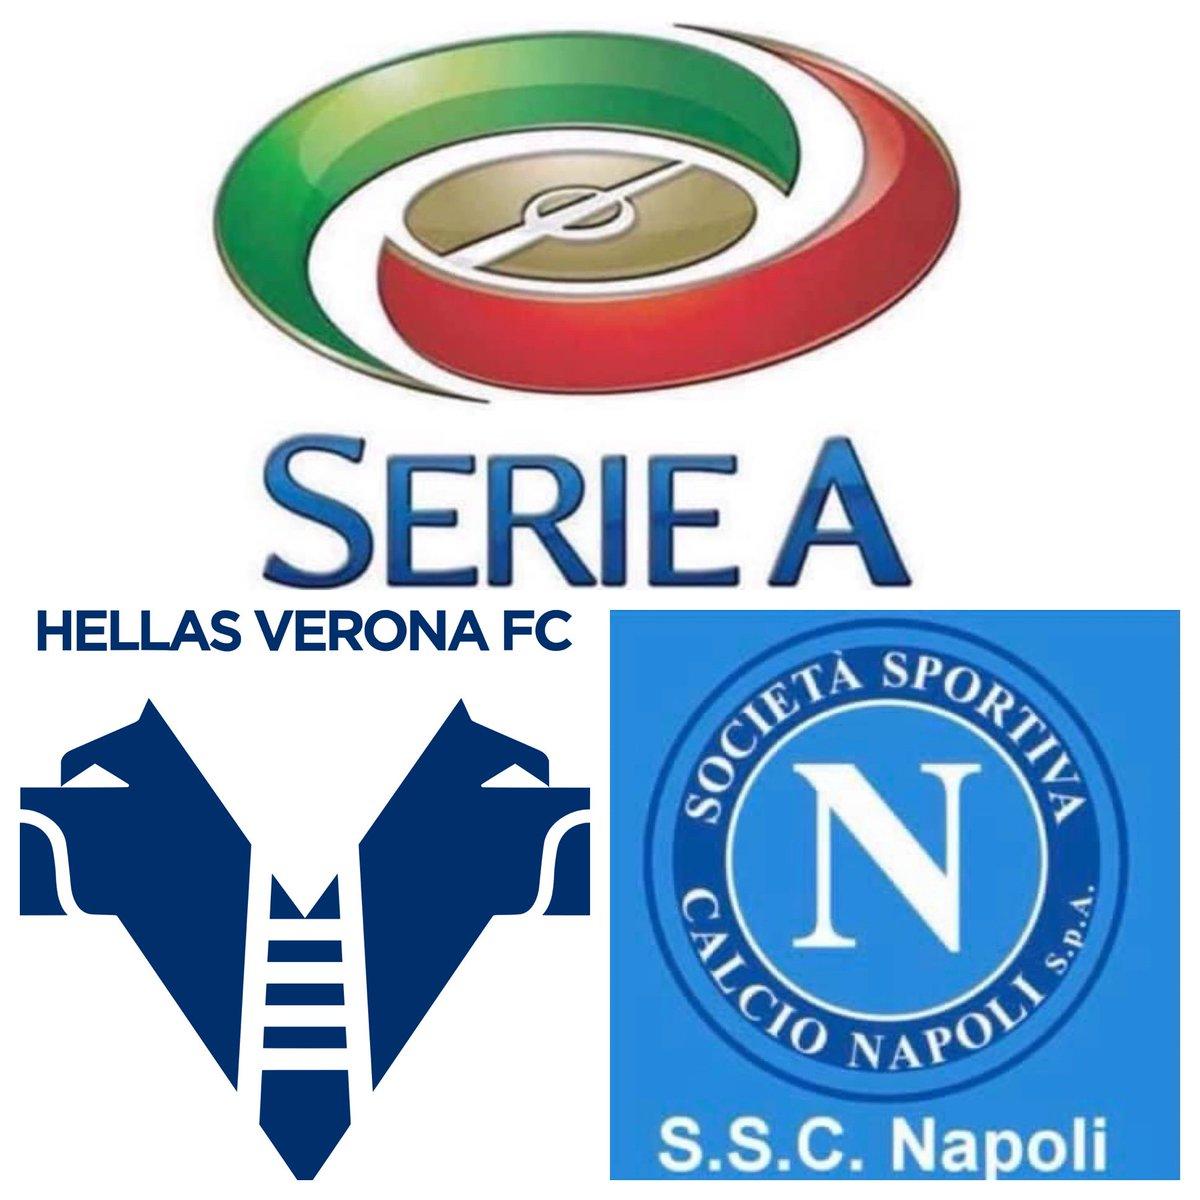 #IESRSN #Napoli @ #Verona is underway! #SerieA #VeronaNapoli